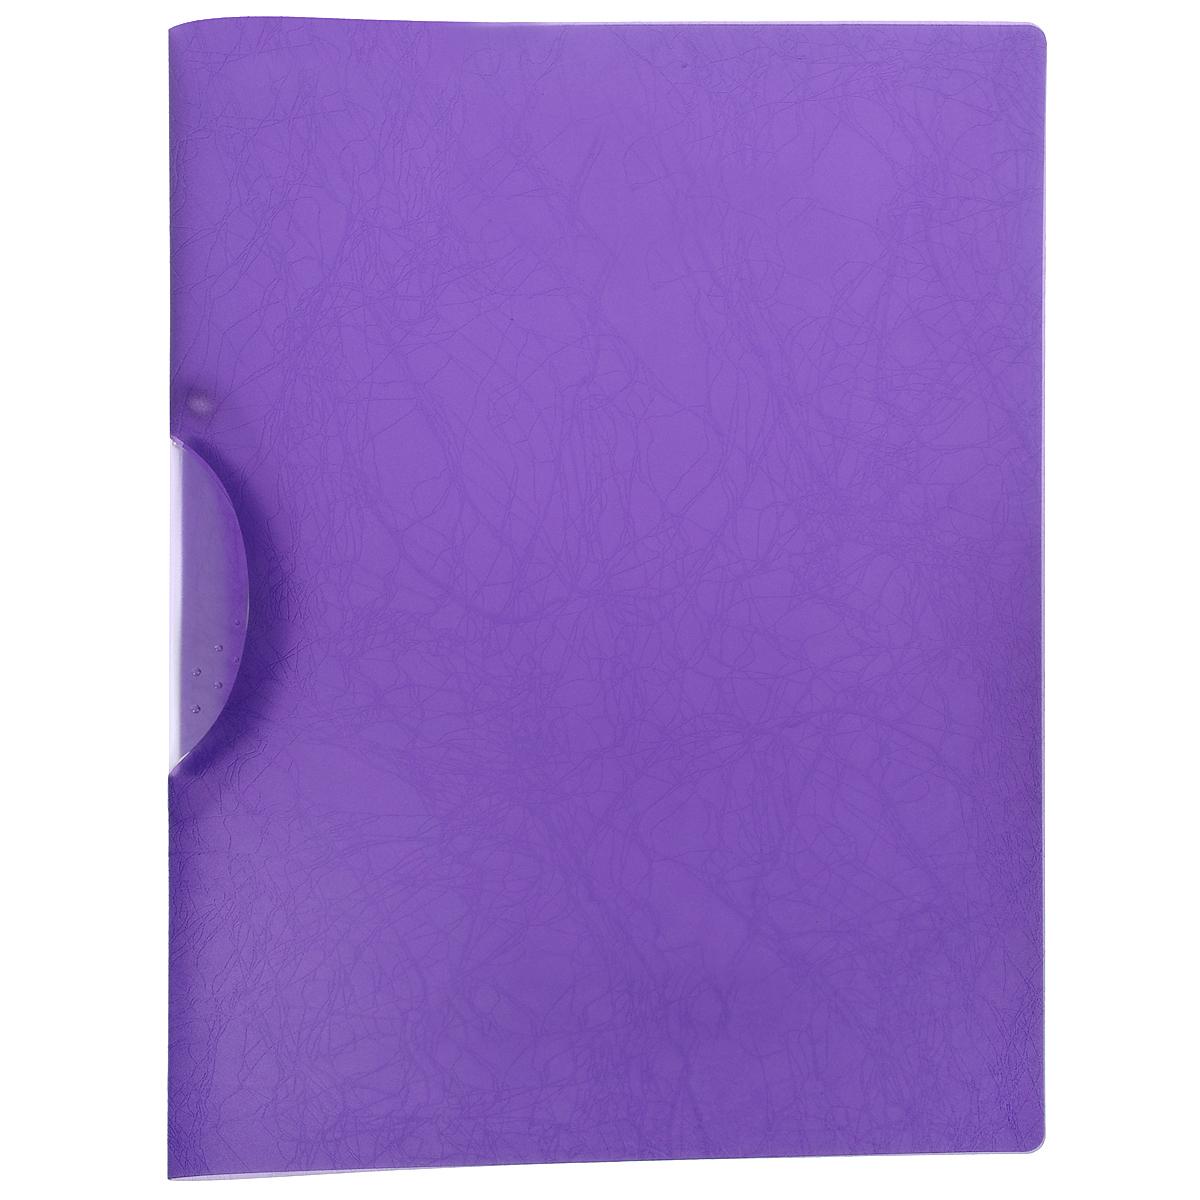 Папка с клипом Centrum Soft Touch, цвет: фиолетовый. Формат А4FS-54100Папка с клипом Centrum Soft Touch станет вашим верным помощником дома и в офисе. Это удобный и функциональный инструмент, предназначенный для хранения и транспортировки рабочих бумаг и документов формата А4.Папка изготовлена из прочного высококачественного пластика, оснащена боковым клипом, позволяющим фиксировать неперфорированные листы. Уголки имеют закругленную форму, что предотвращает их загибание и помогает надолго сохранить опрятный вид обложки. Папка оформлена тиснением под кожу.Папка - это незаменимый атрибут для любого студента, школьника или офисного работника. Такая папка надежно сохранит ваши бумаги и сбережет их от повреждений, пыли и влаги.